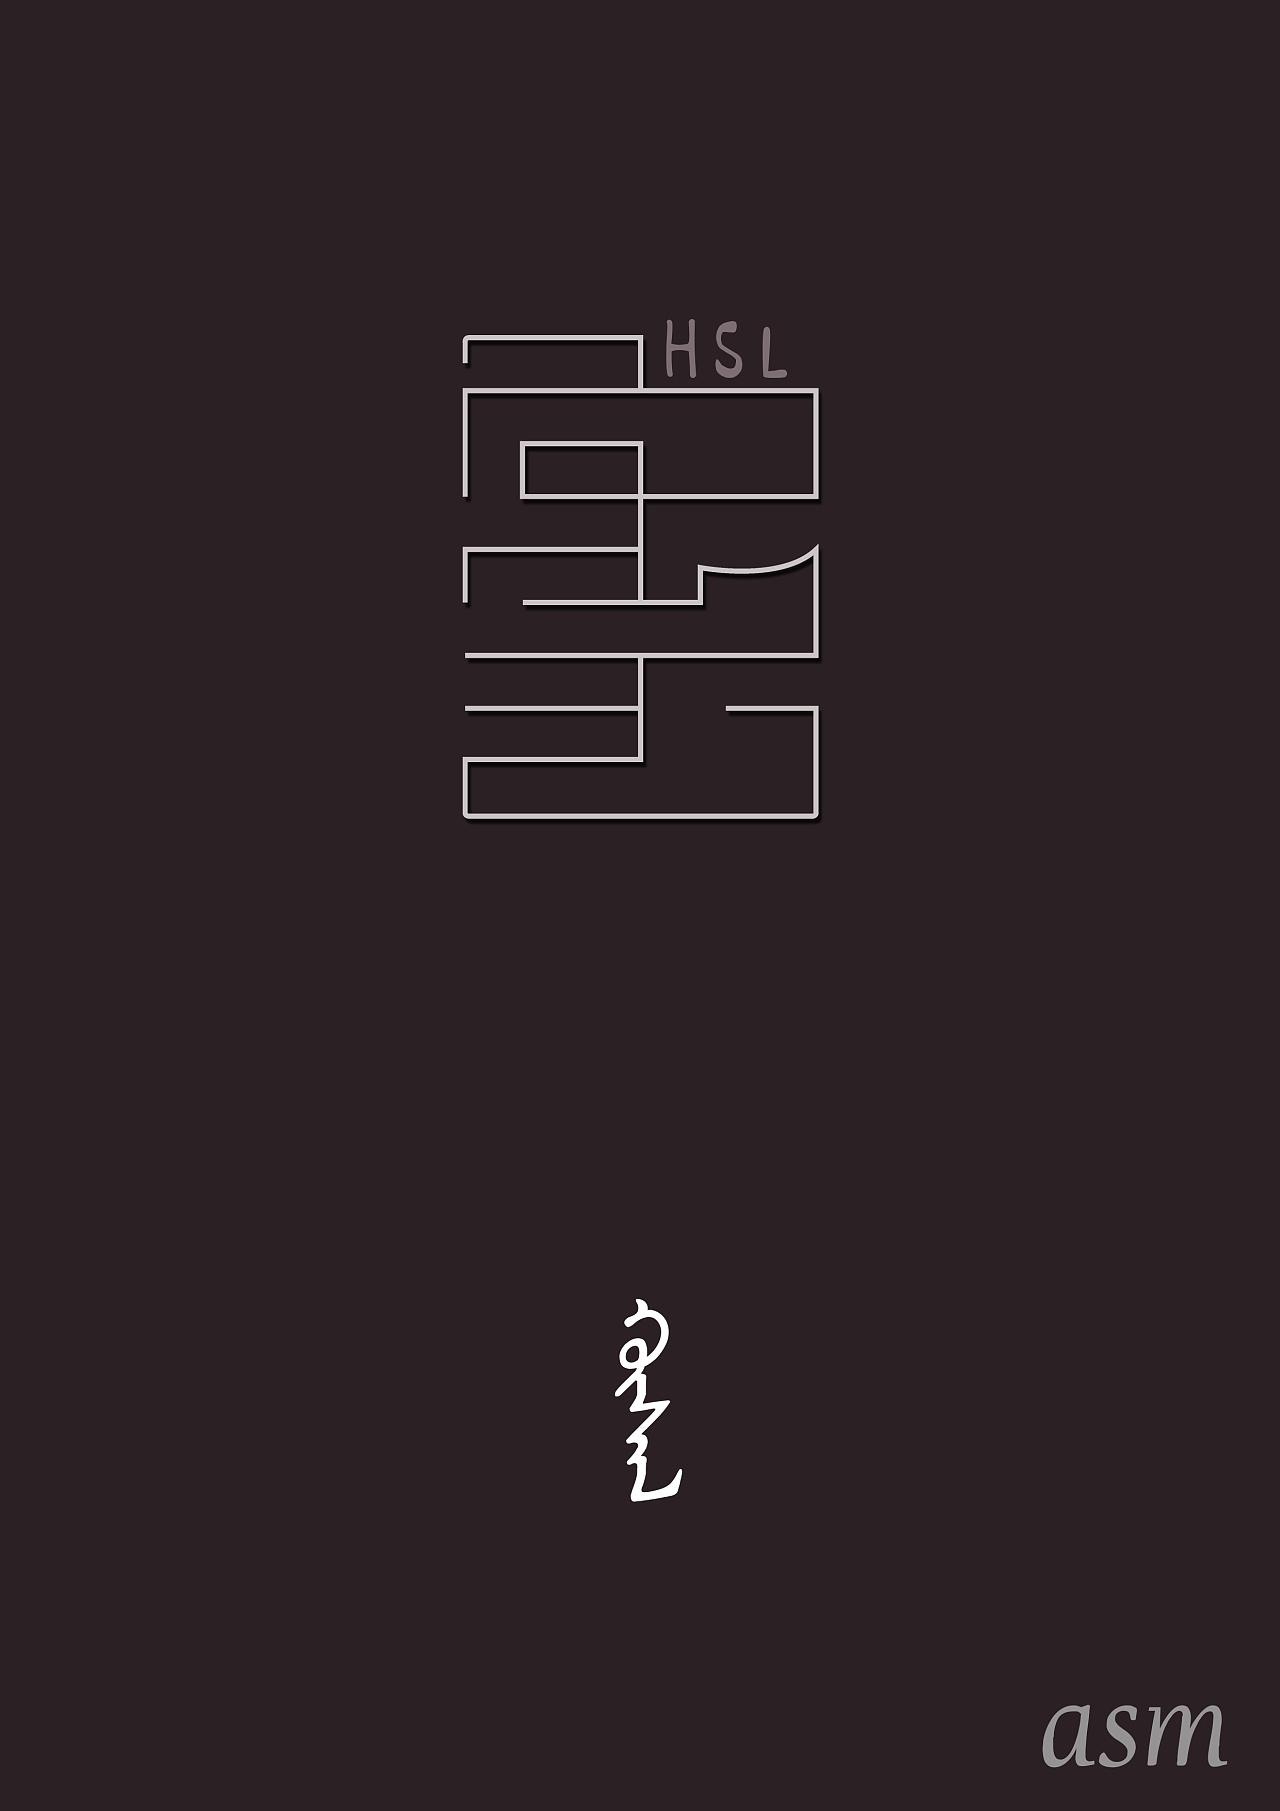 蒙古艺术文字3 -阿斯玛设计 第1张